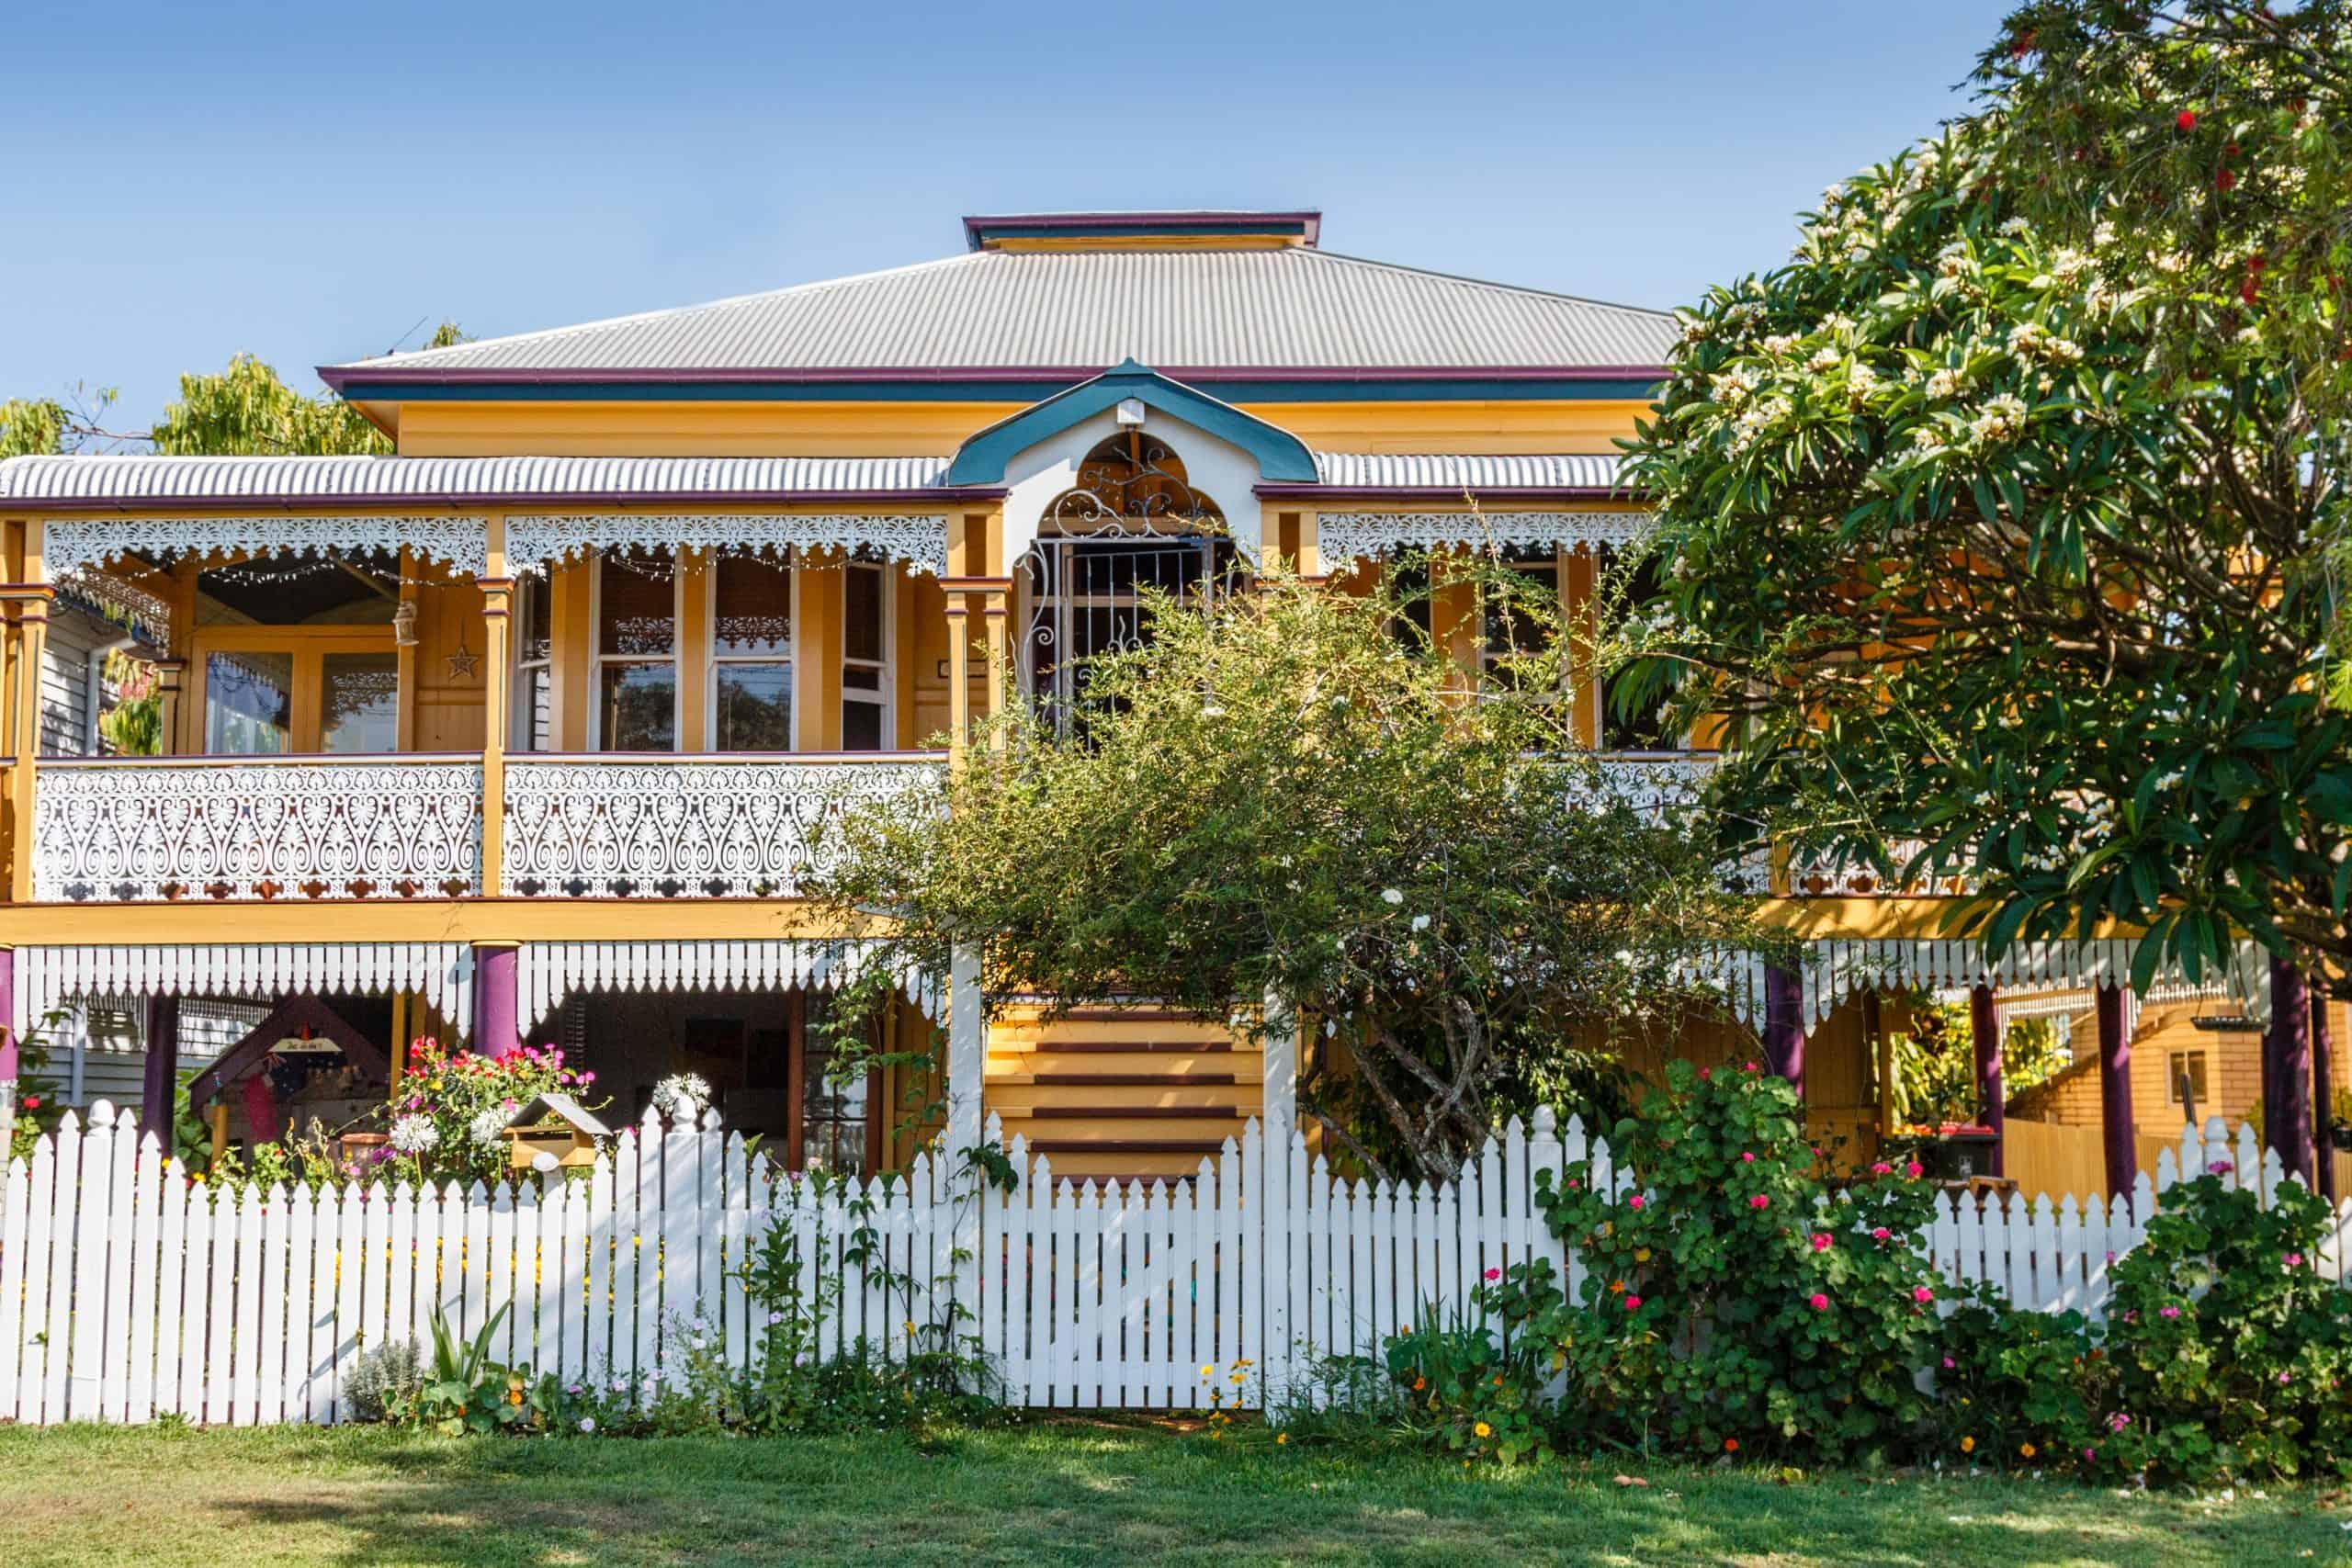 Australian Property Types Through the Eras